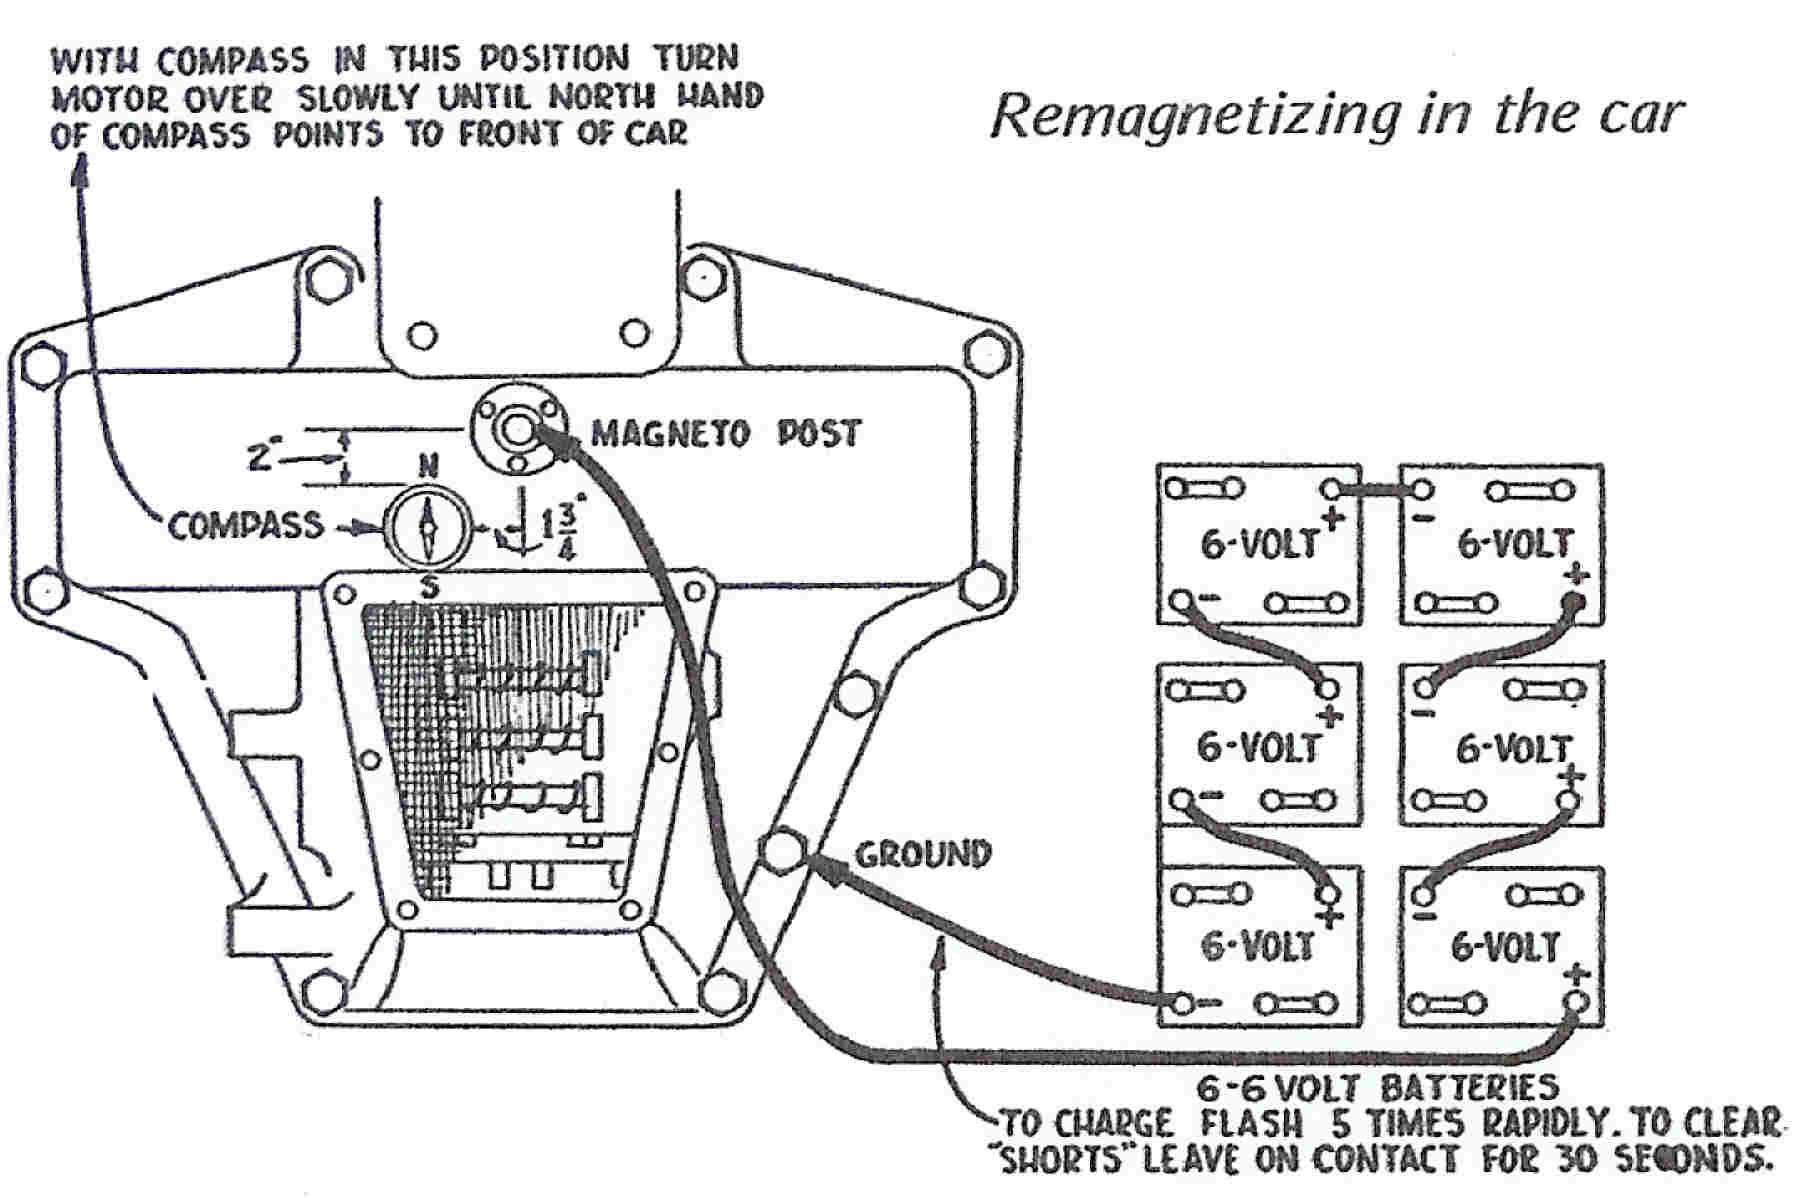 245806 xk09 wiring diagram 08 dodge ram wiring diagram wiring diagram xk09 wiring diagram at beritabola.co